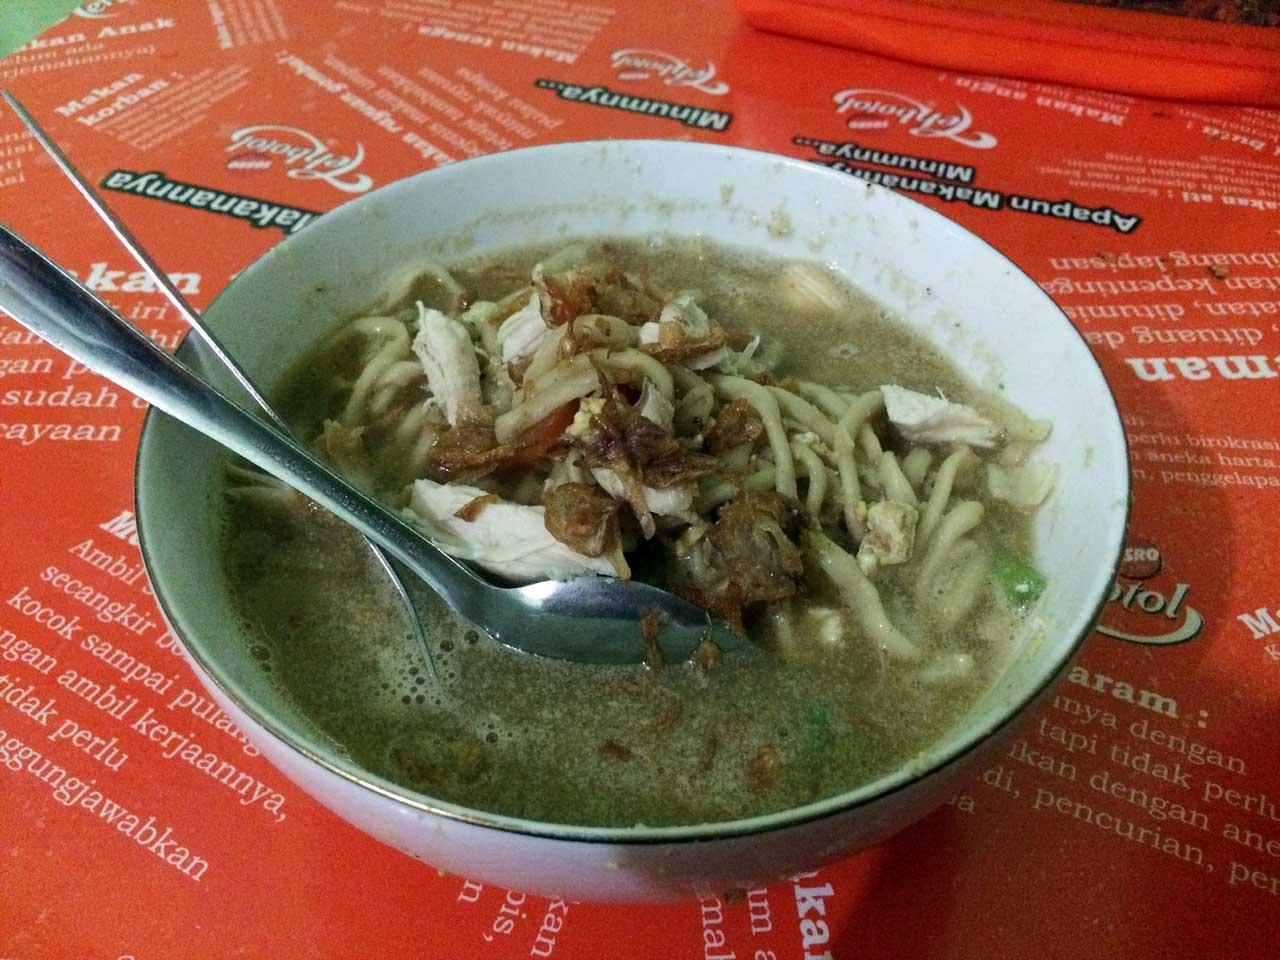 Mie Khodon - tempat makan murah di bandar lampung - yopie pangkey - 3